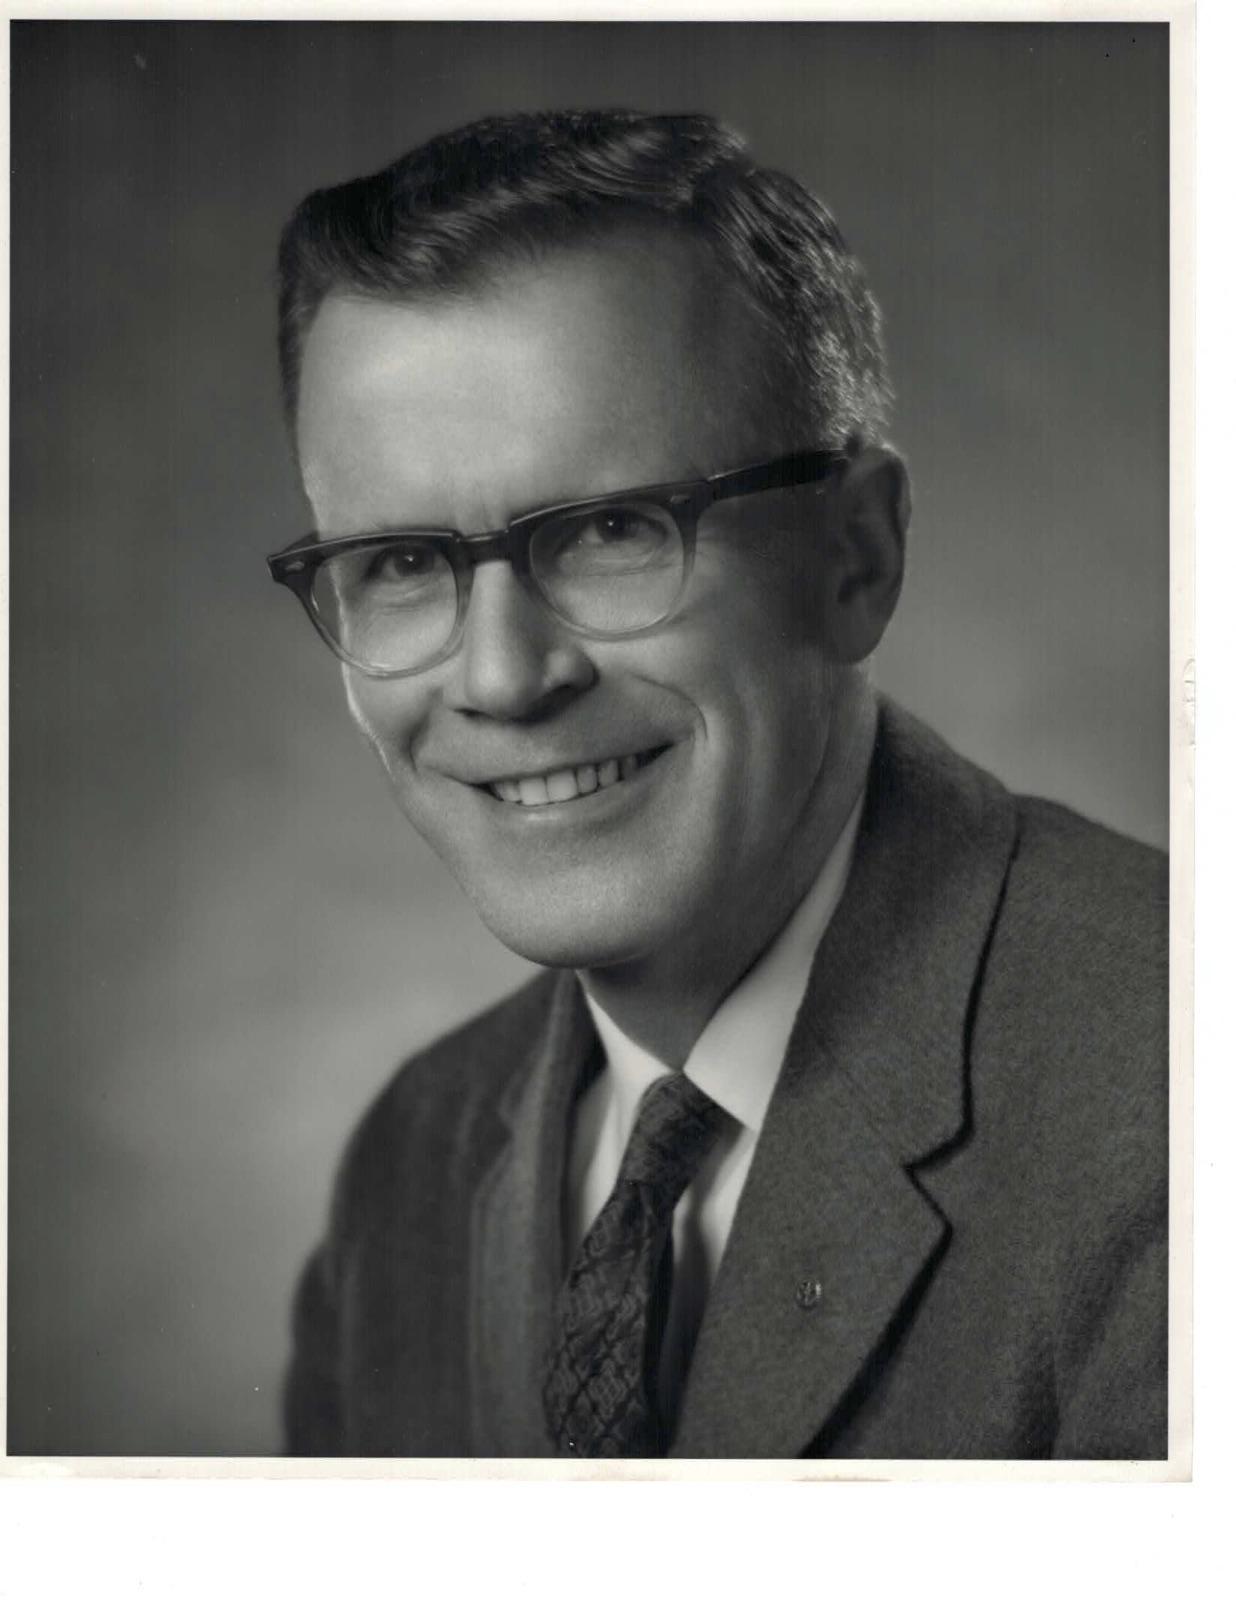 PHILIP M. SMART 1972-73